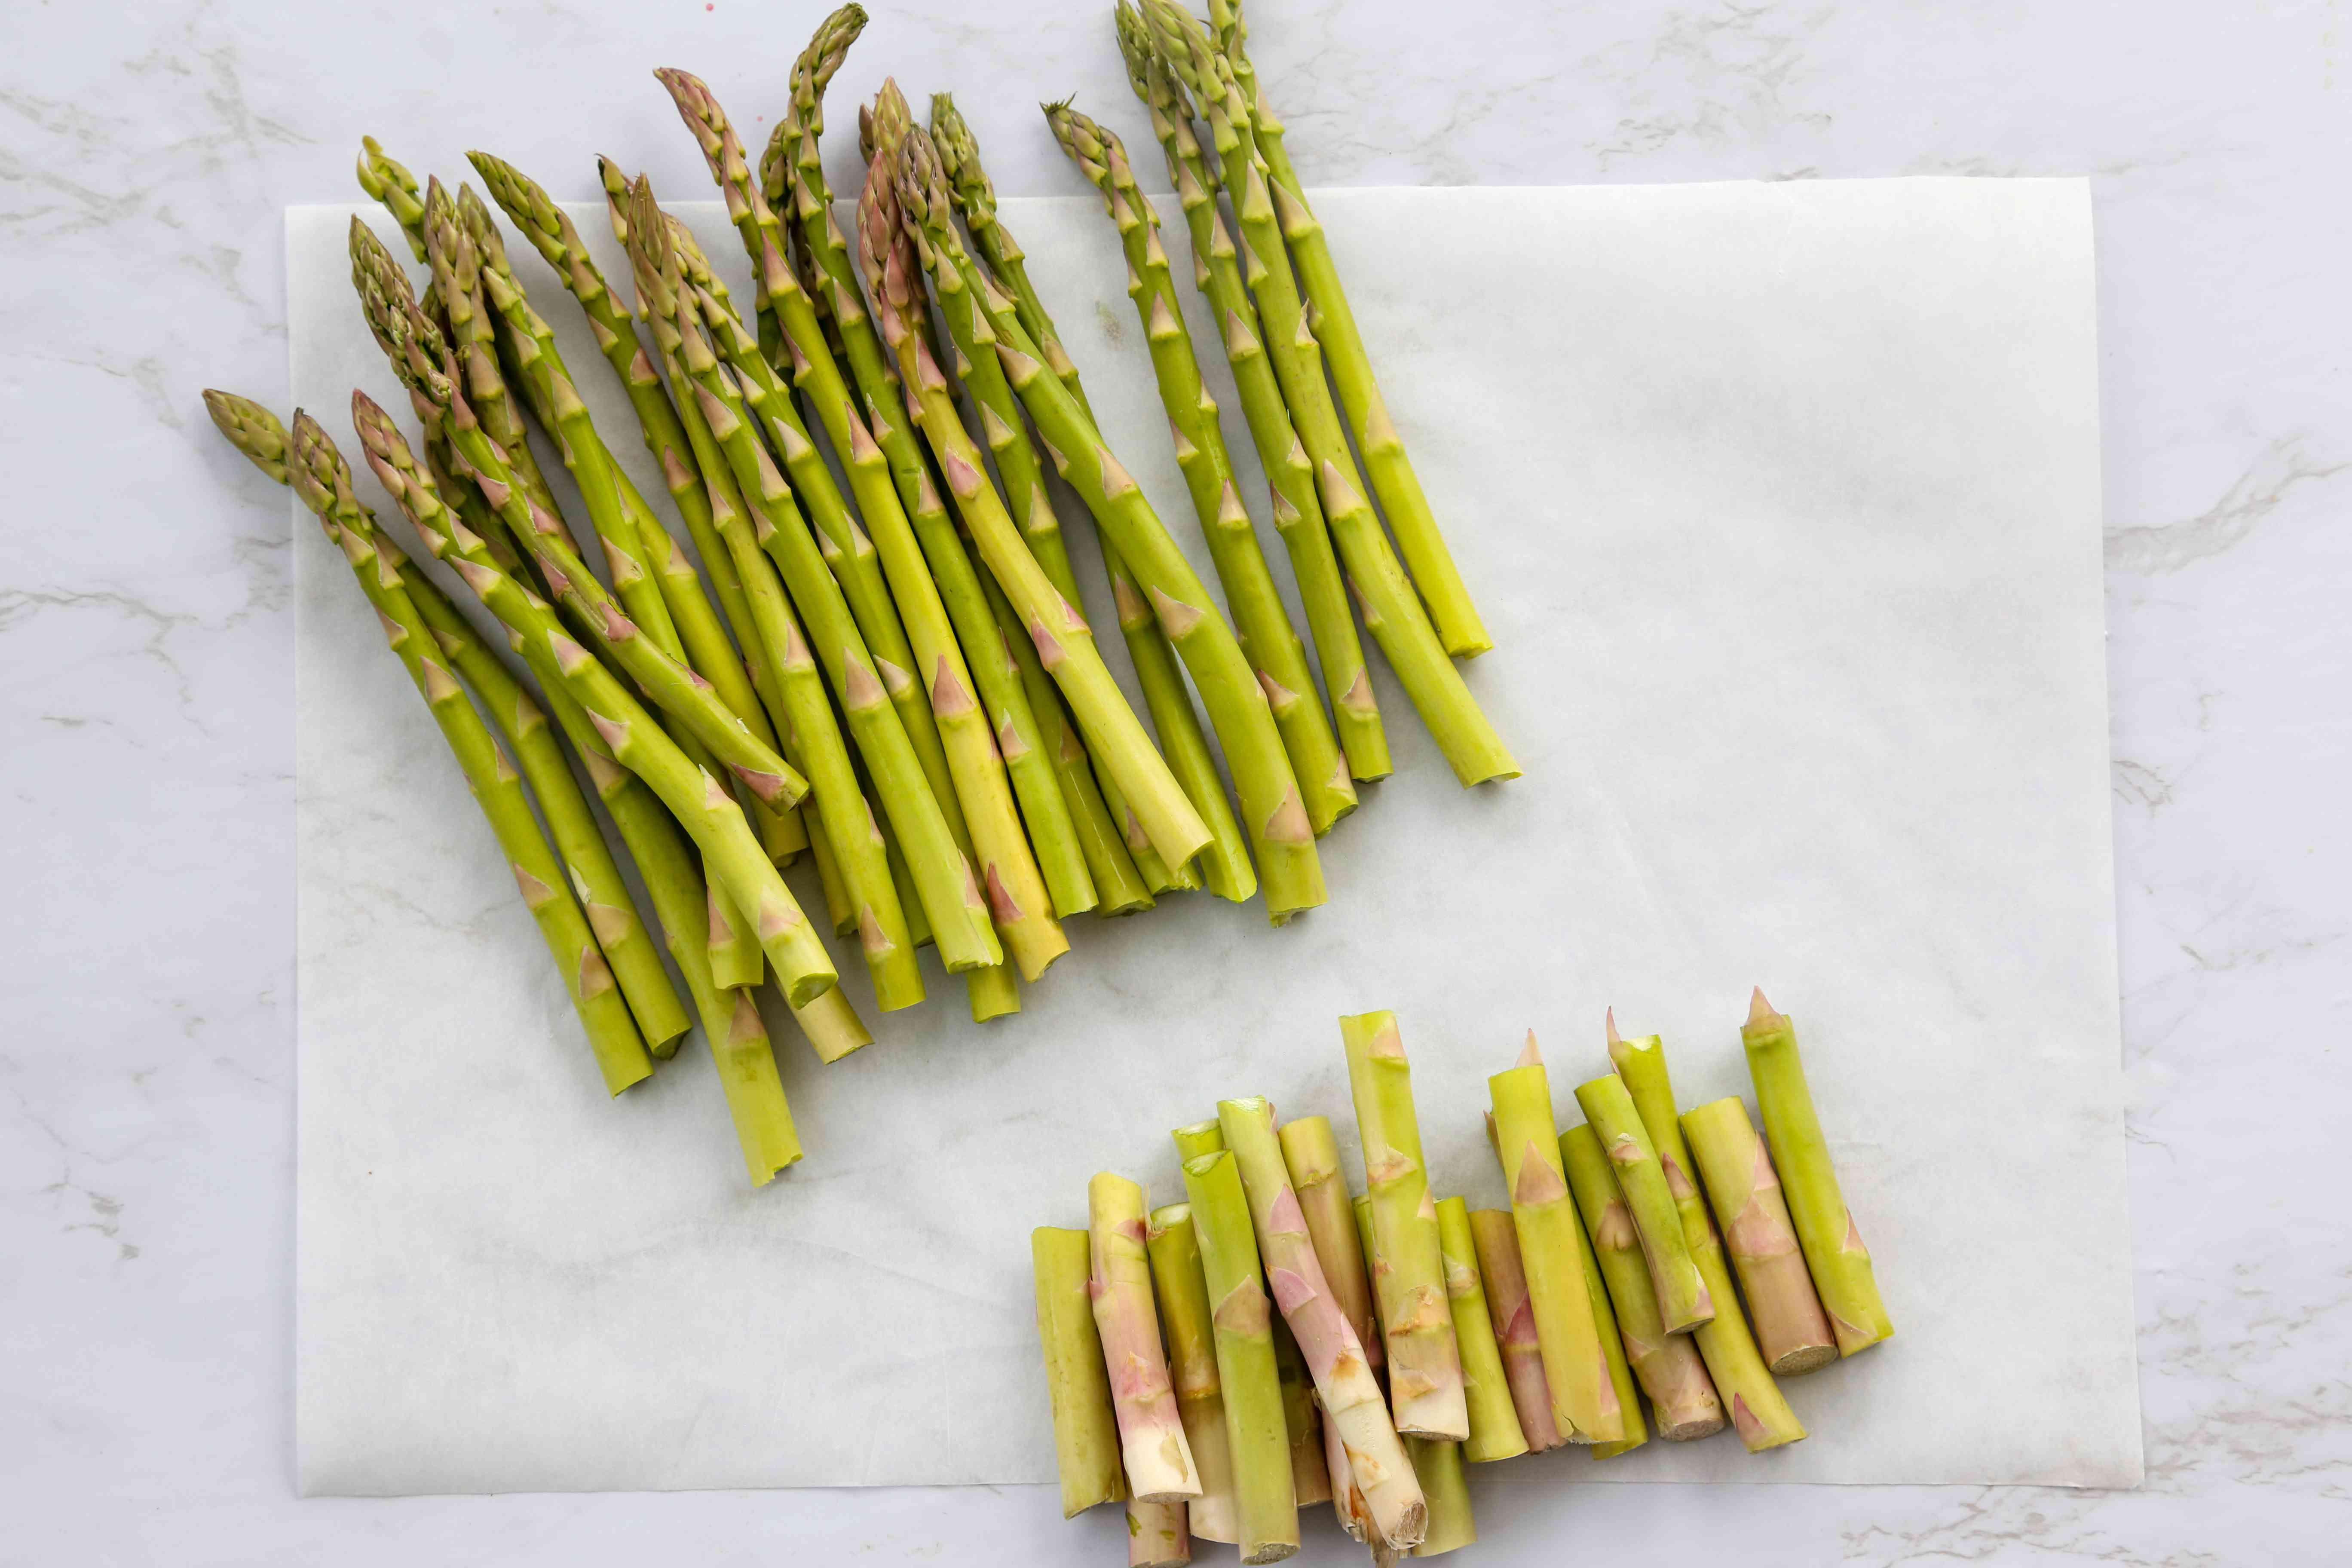 trim the asparagus